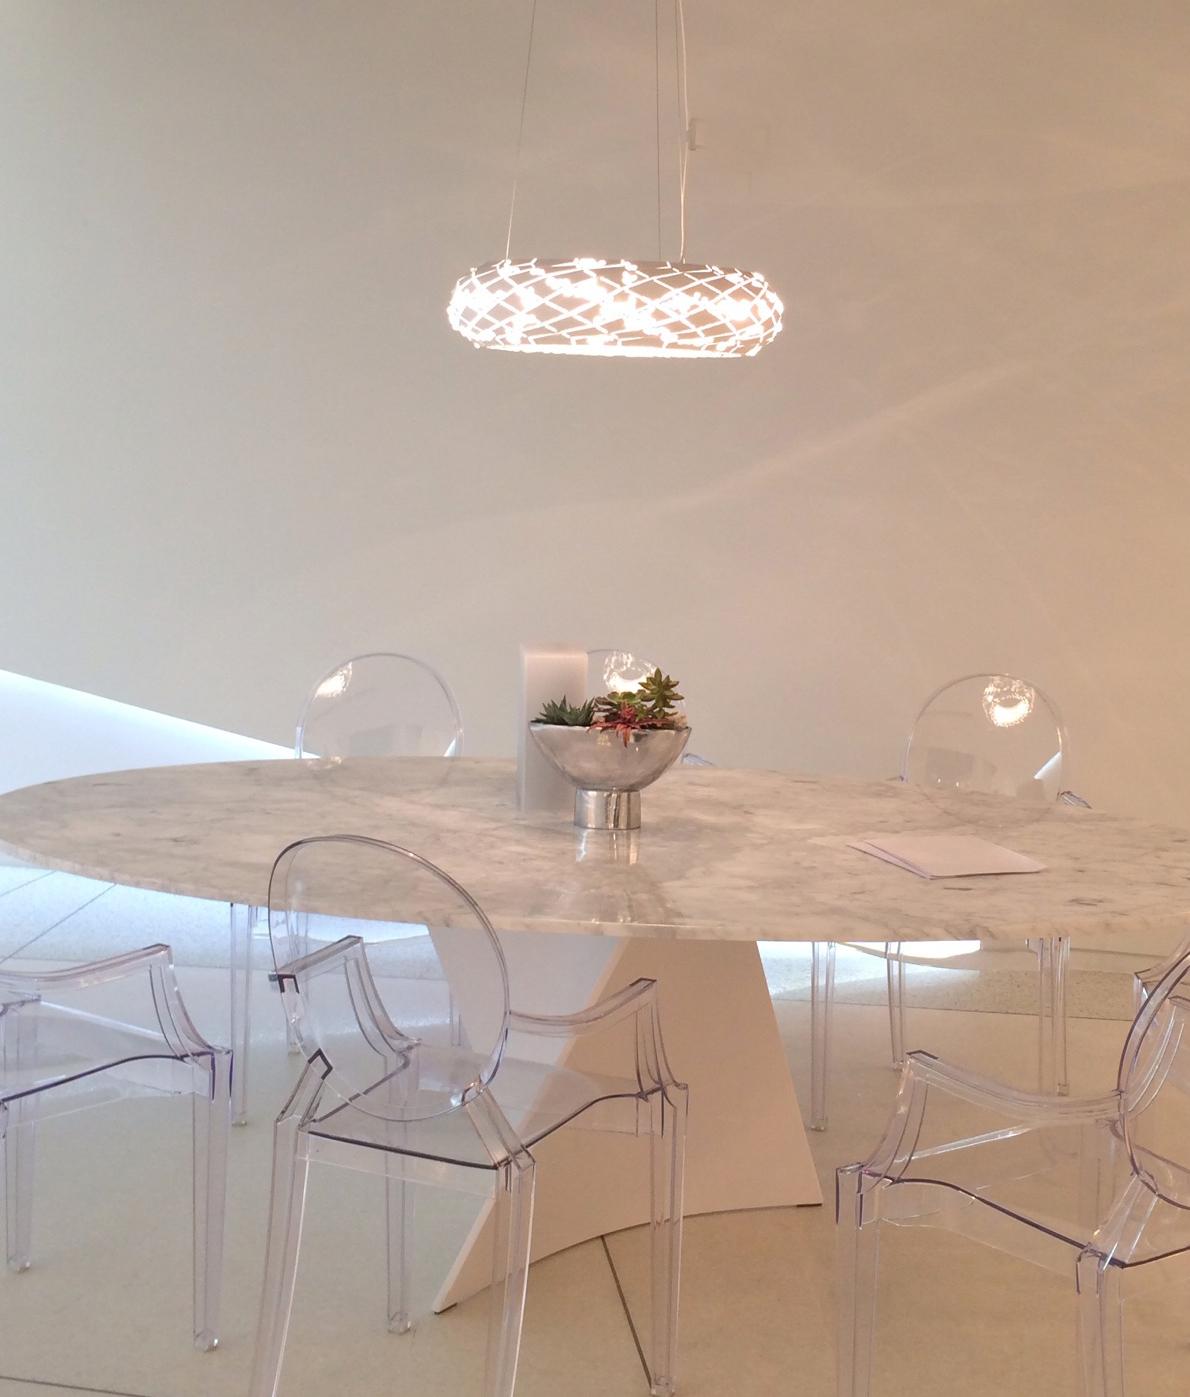 Swarovski Schonbek crystal chandeliers